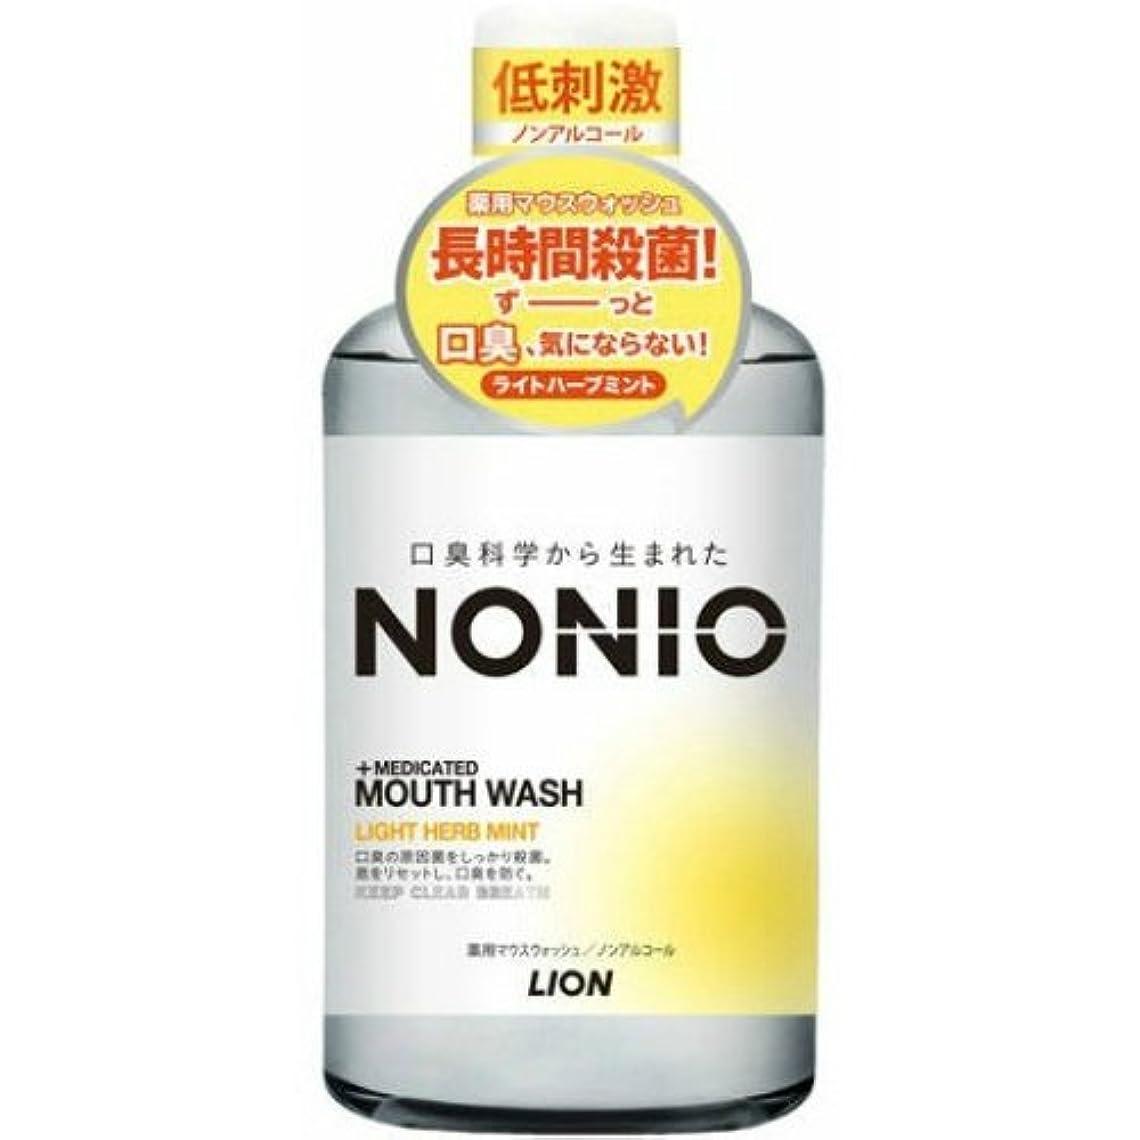 型そうでなければ差別的LION ライオン ノニオ NONIO 薬用マウスウォッシュ ノンアルコール ライトハーブミント 600ml 医薬部外品 ×10点セット(4903301259398)